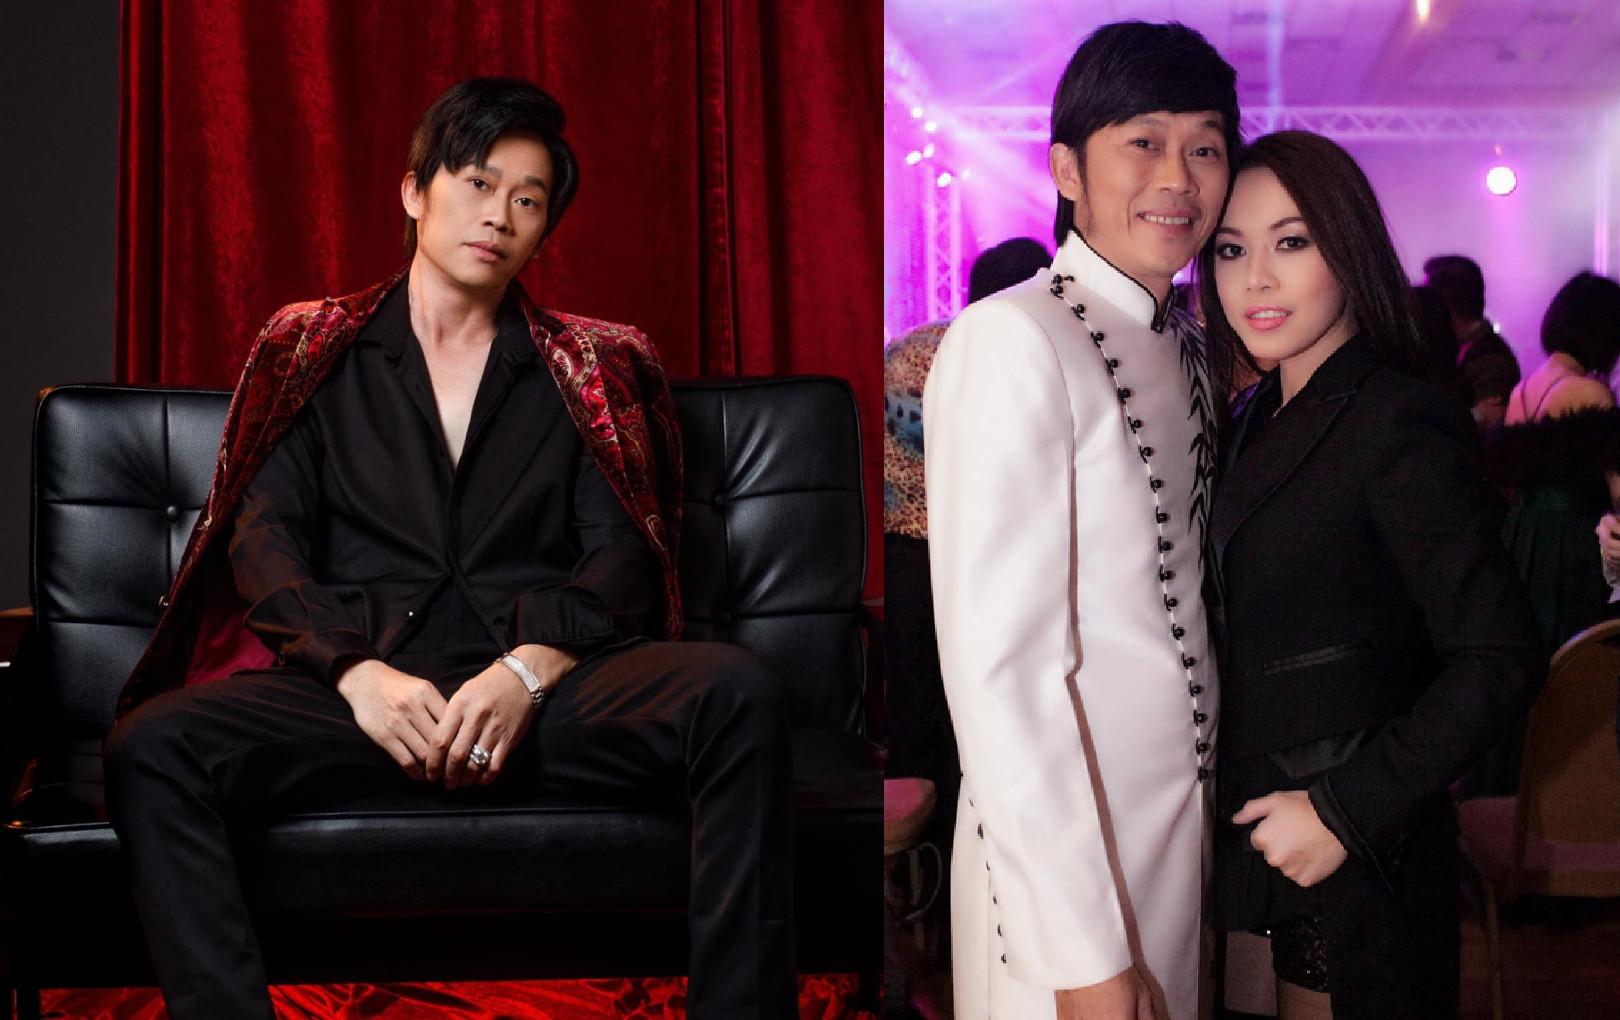 Em ruột bỗng mở hội tuyển vợ cho NS Hoài Linh, yêu cầu chị dâu cao trên 1m6, biết đẻ